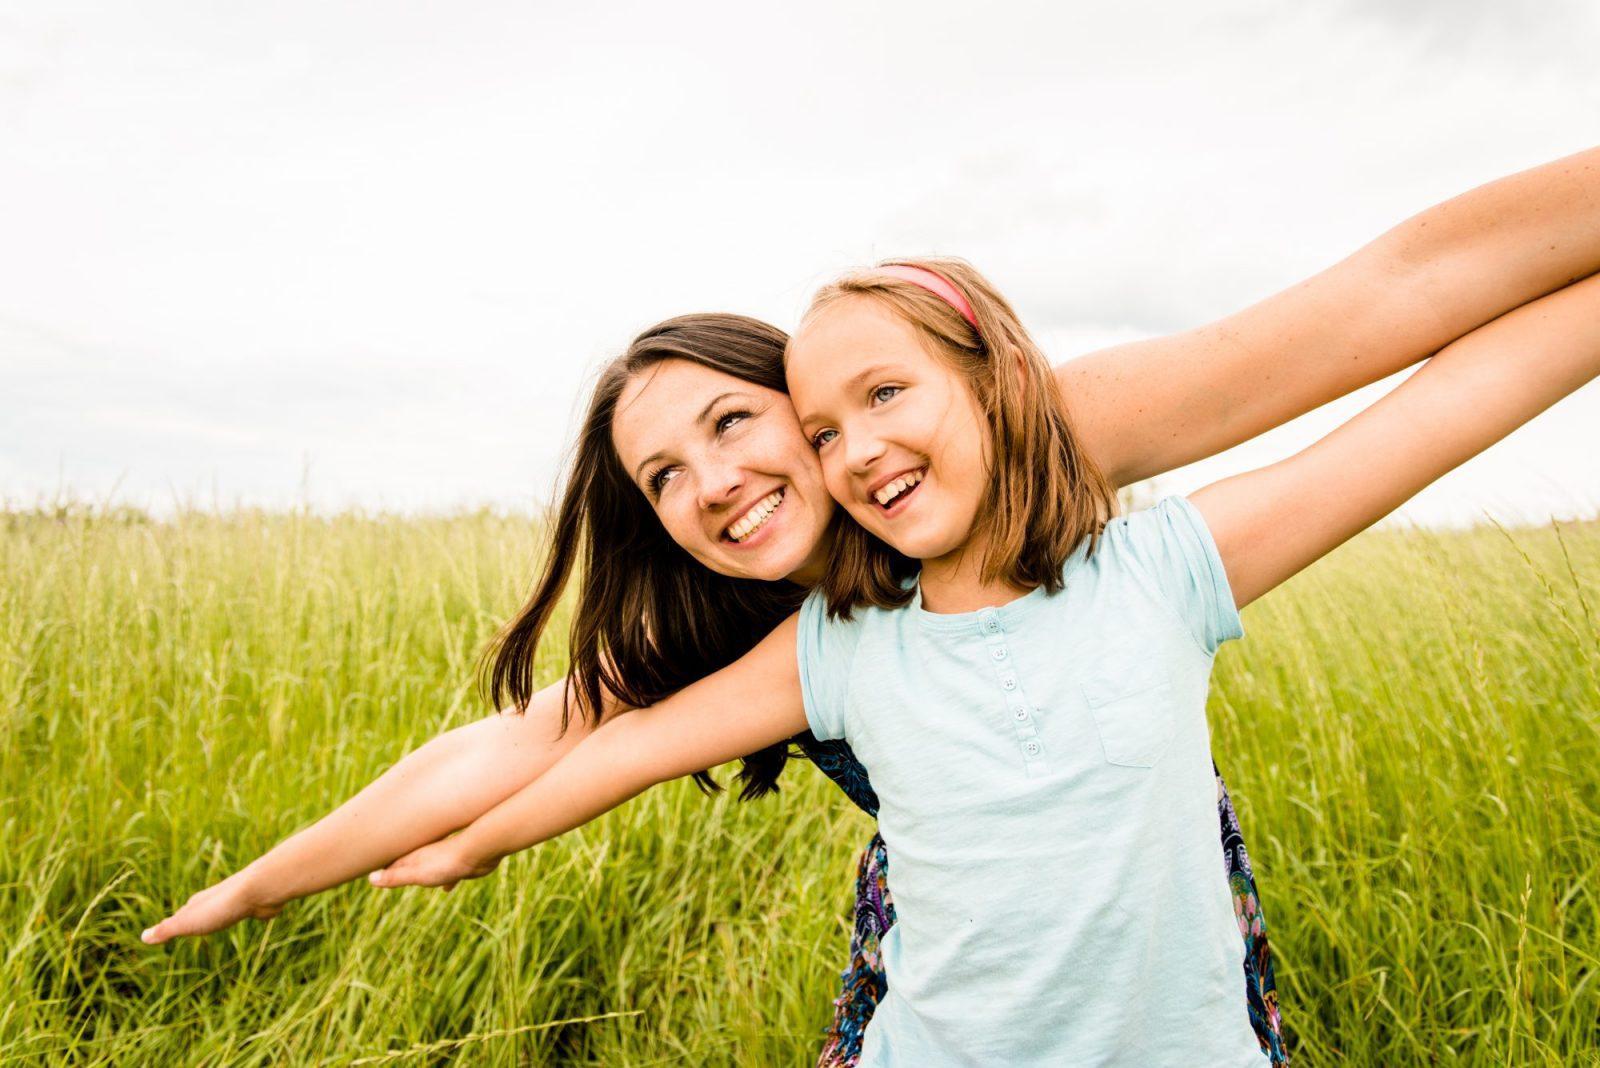 Meisje samen met moeder vrolijk in gras: Vergroot het zelfvertrouwen van je kind!